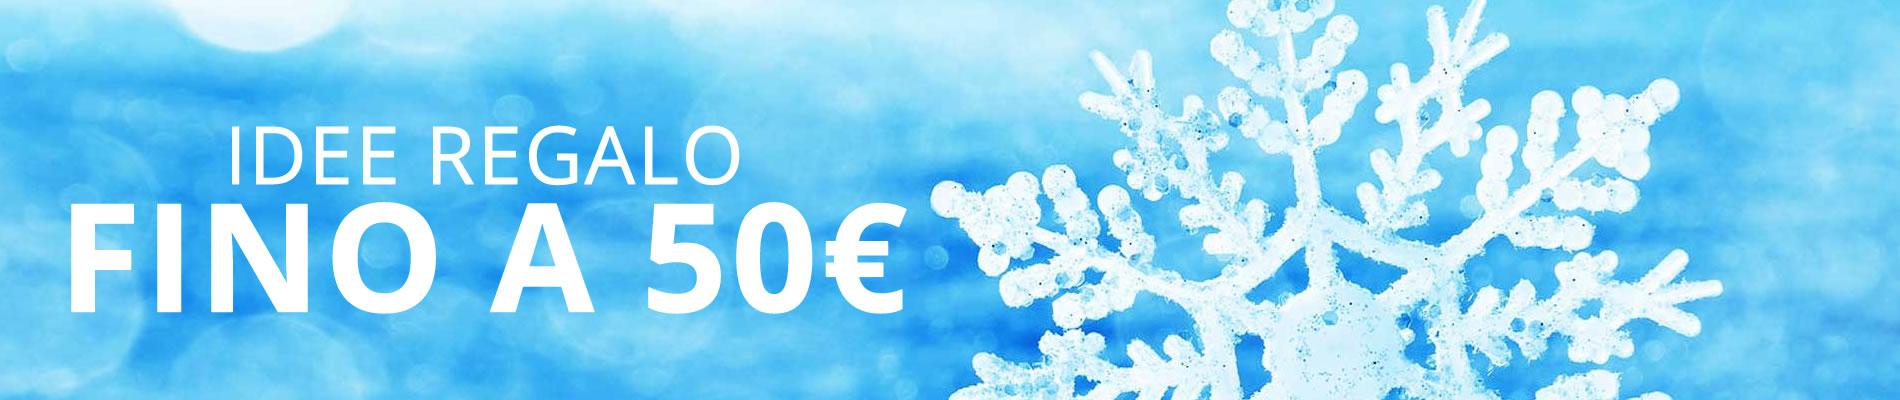 Idee Regalo fino a € 50